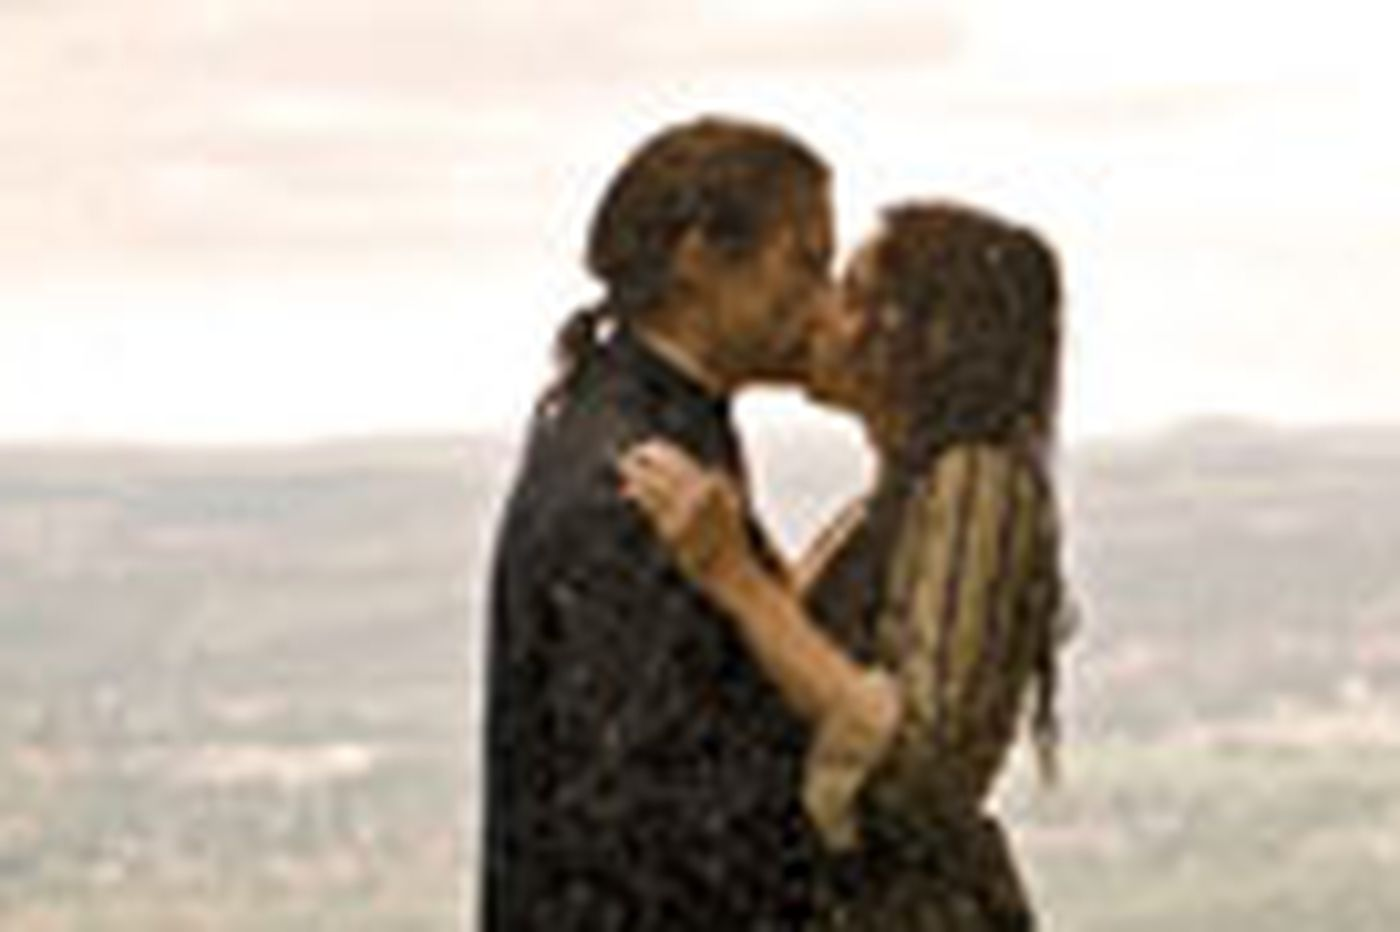 Shakespeare . . . er, rather . . . Goethe in love